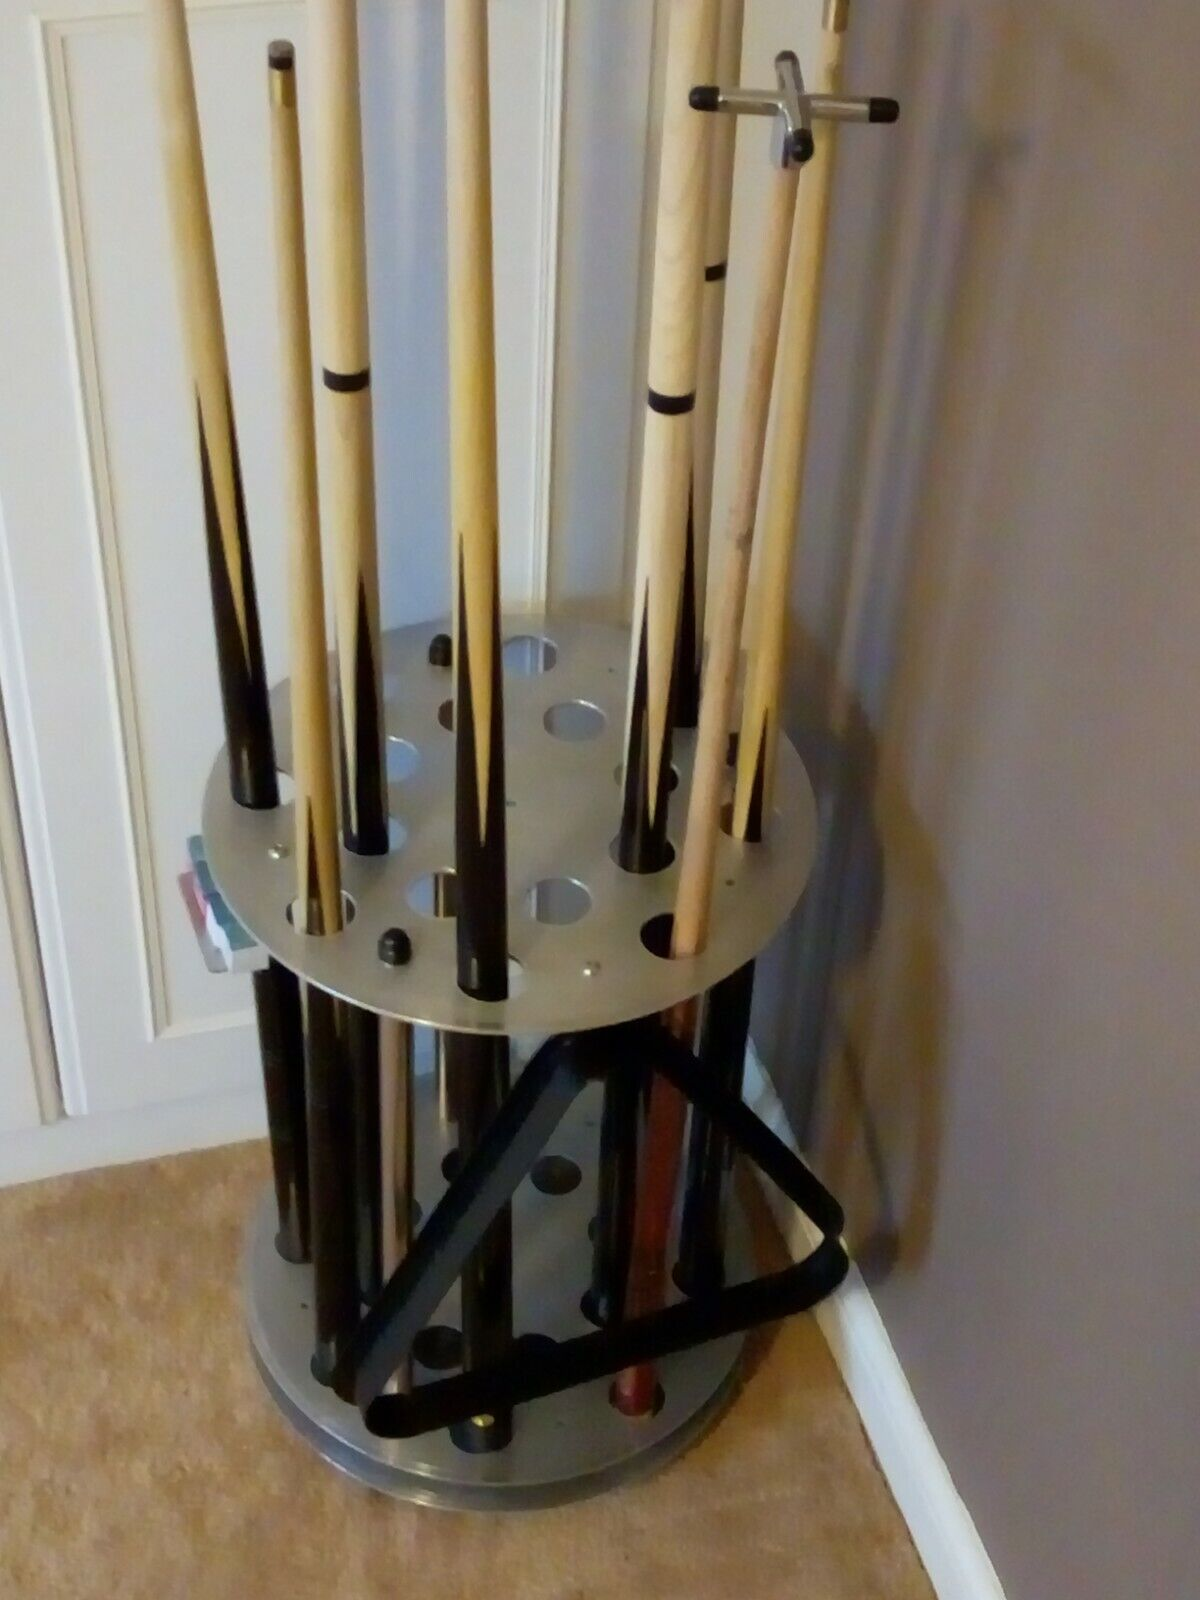 Custom Pool Cue Rack - Free Standing Rack For 16 Cues and Bridges, etc.